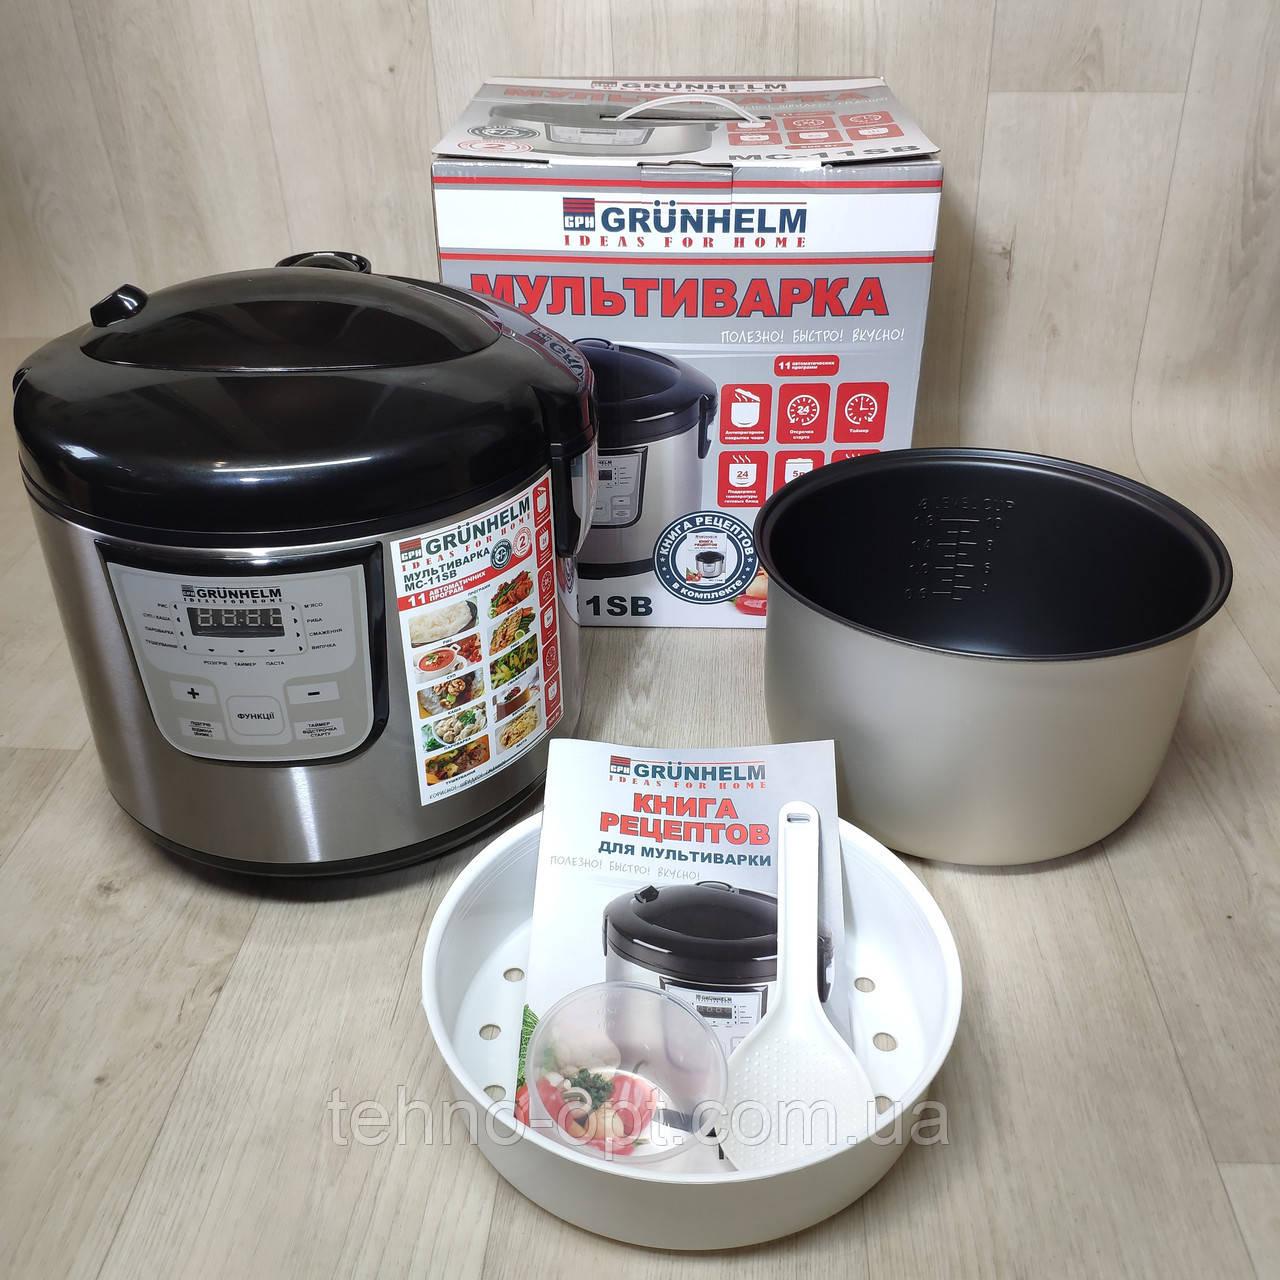 Мультиварка Grunhelm MC-11SB5 литров